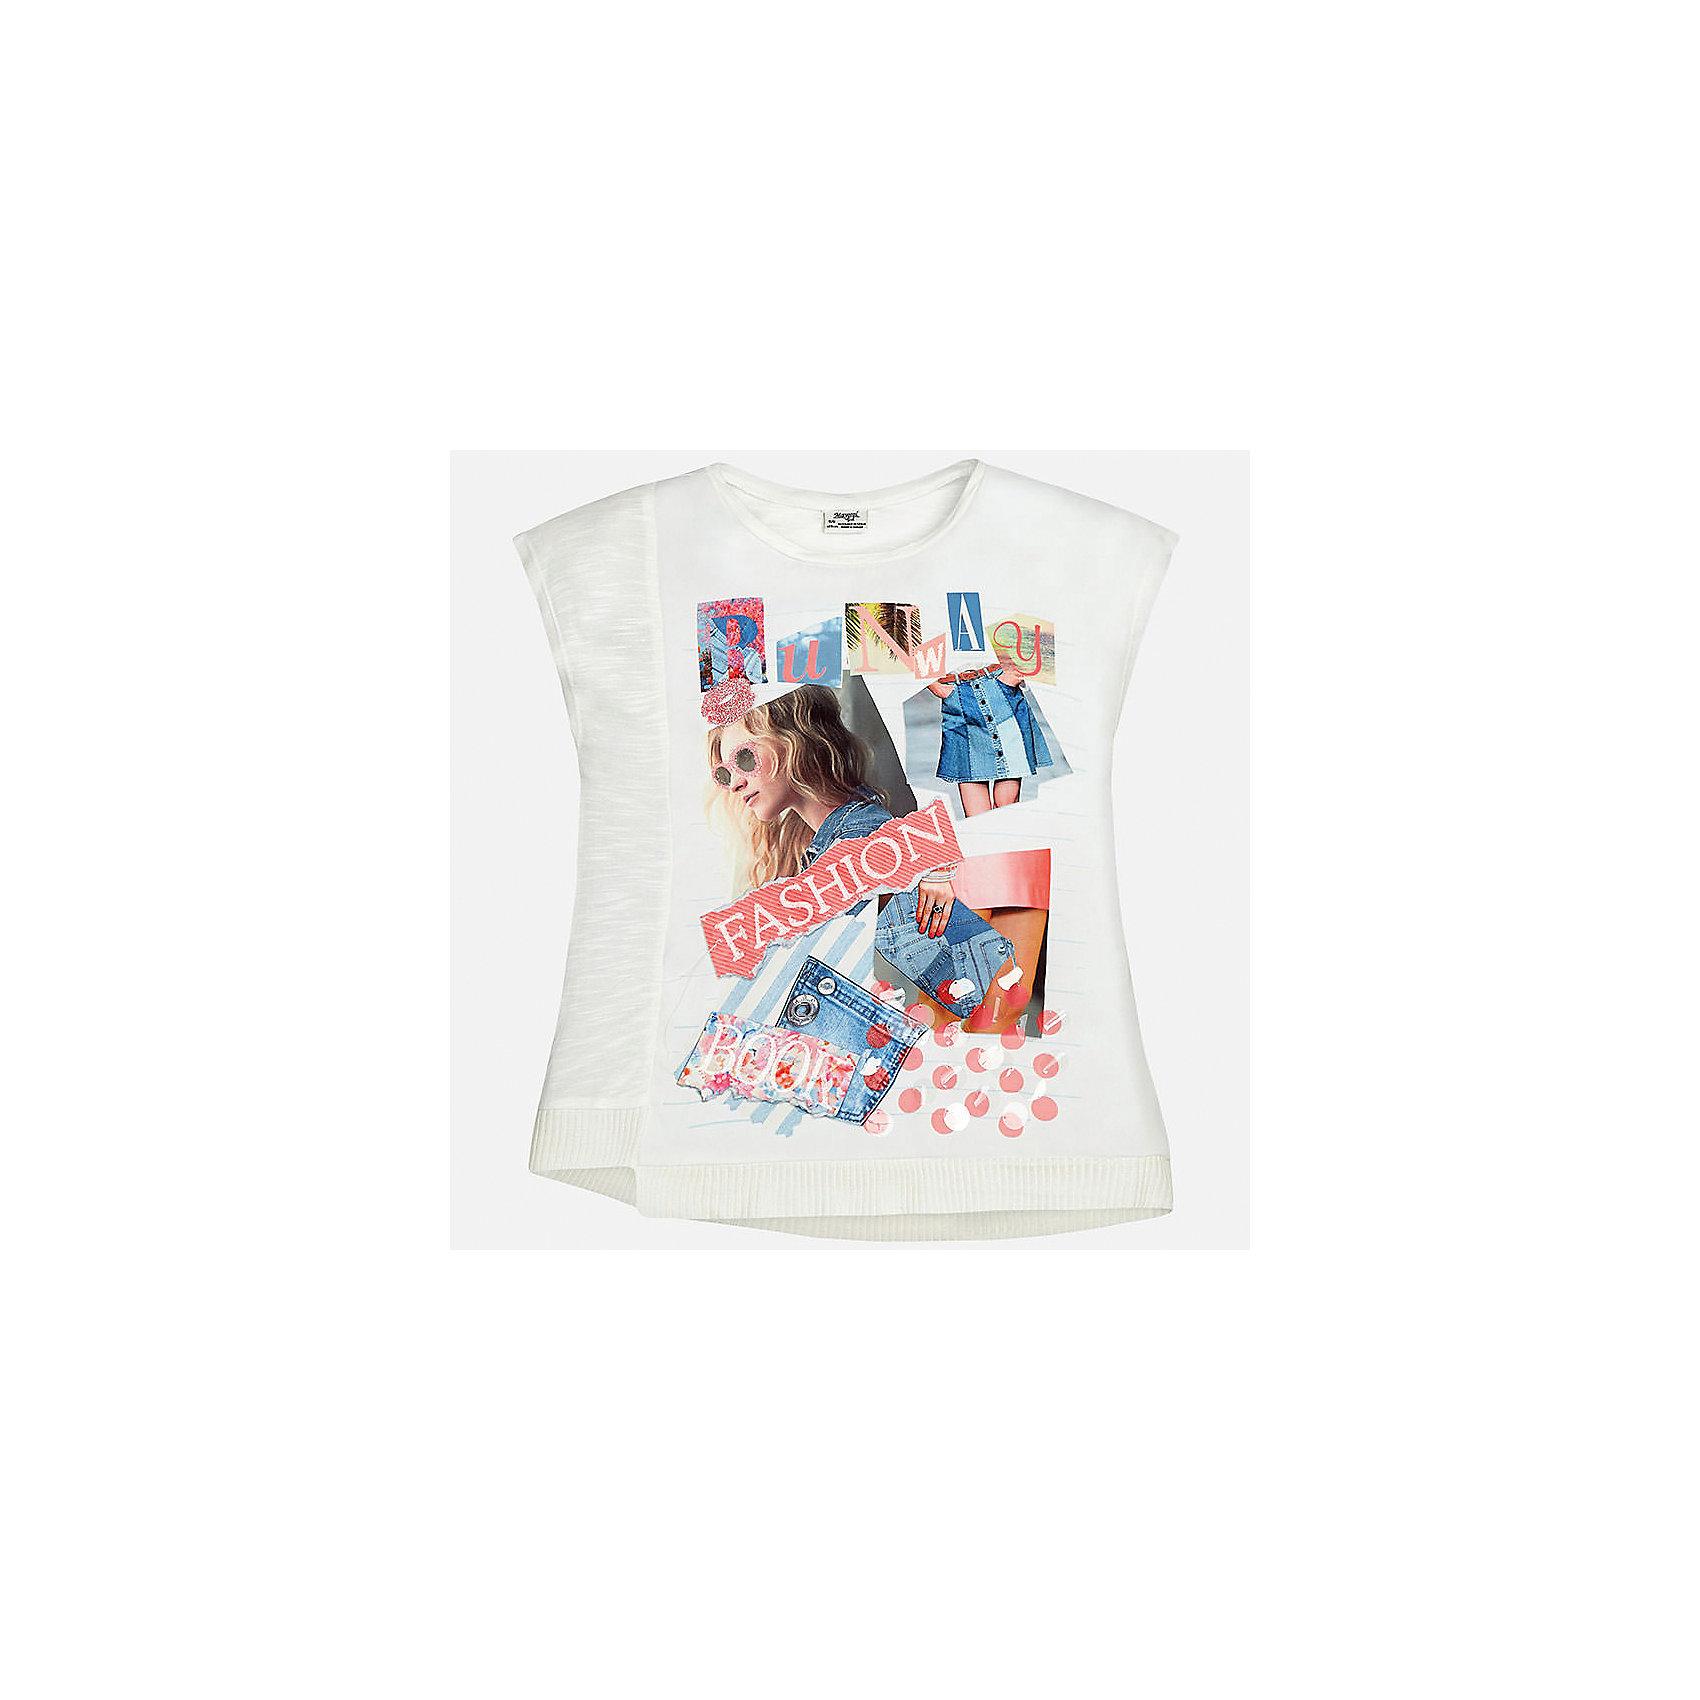 Футболка для девочки MayoralХарактеристики товара:<br><br>• цвет: молочный<br>• состав: 100% хлопок<br>• декорирована принтом<br>• короткие рукава<br>• округлый горловой вырез<br>• страна бренда: Испания<br><br>Стильная качественная футболка для девочки поможет разнообразить гардероб ребенка и украсить наряд. Она отлично сочетается и с юбками, и с шортами, и с брюками. Универсальный цвет позволяет подобрать к вещи низ практически любой расцветки. Интересная отделка модели делает её нарядной и оригинальной. В составе ткани - только натуральный хлопок, гипоаллергенный, приятный на ощупь, дышащий.<br><br>Одежда, обувь и аксессуары от испанского бренда Mayoral полюбились детям и взрослым по всему миру. Модели этой марки - стильные и удобные. Для их производства используются только безопасные, качественные материалы и фурнитура. Порадуйте ребенка модными и красивыми вещами от Mayoral! <br><br>Футболку для девочки от испанского бренда Mayoral (Майорал) можно купить в нашем интернет-магазине.<br><br>Ширина мм: 199<br>Глубина мм: 10<br>Высота мм: 161<br>Вес г: 151<br>Цвет: розовый<br>Возраст от месяцев: 168<br>Возраст до месяцев: 180<br>Пол: Женский<br>Возраст: Детский<br>Размер: 170,128/134,140,152,158,164<br>SKU: 5292519